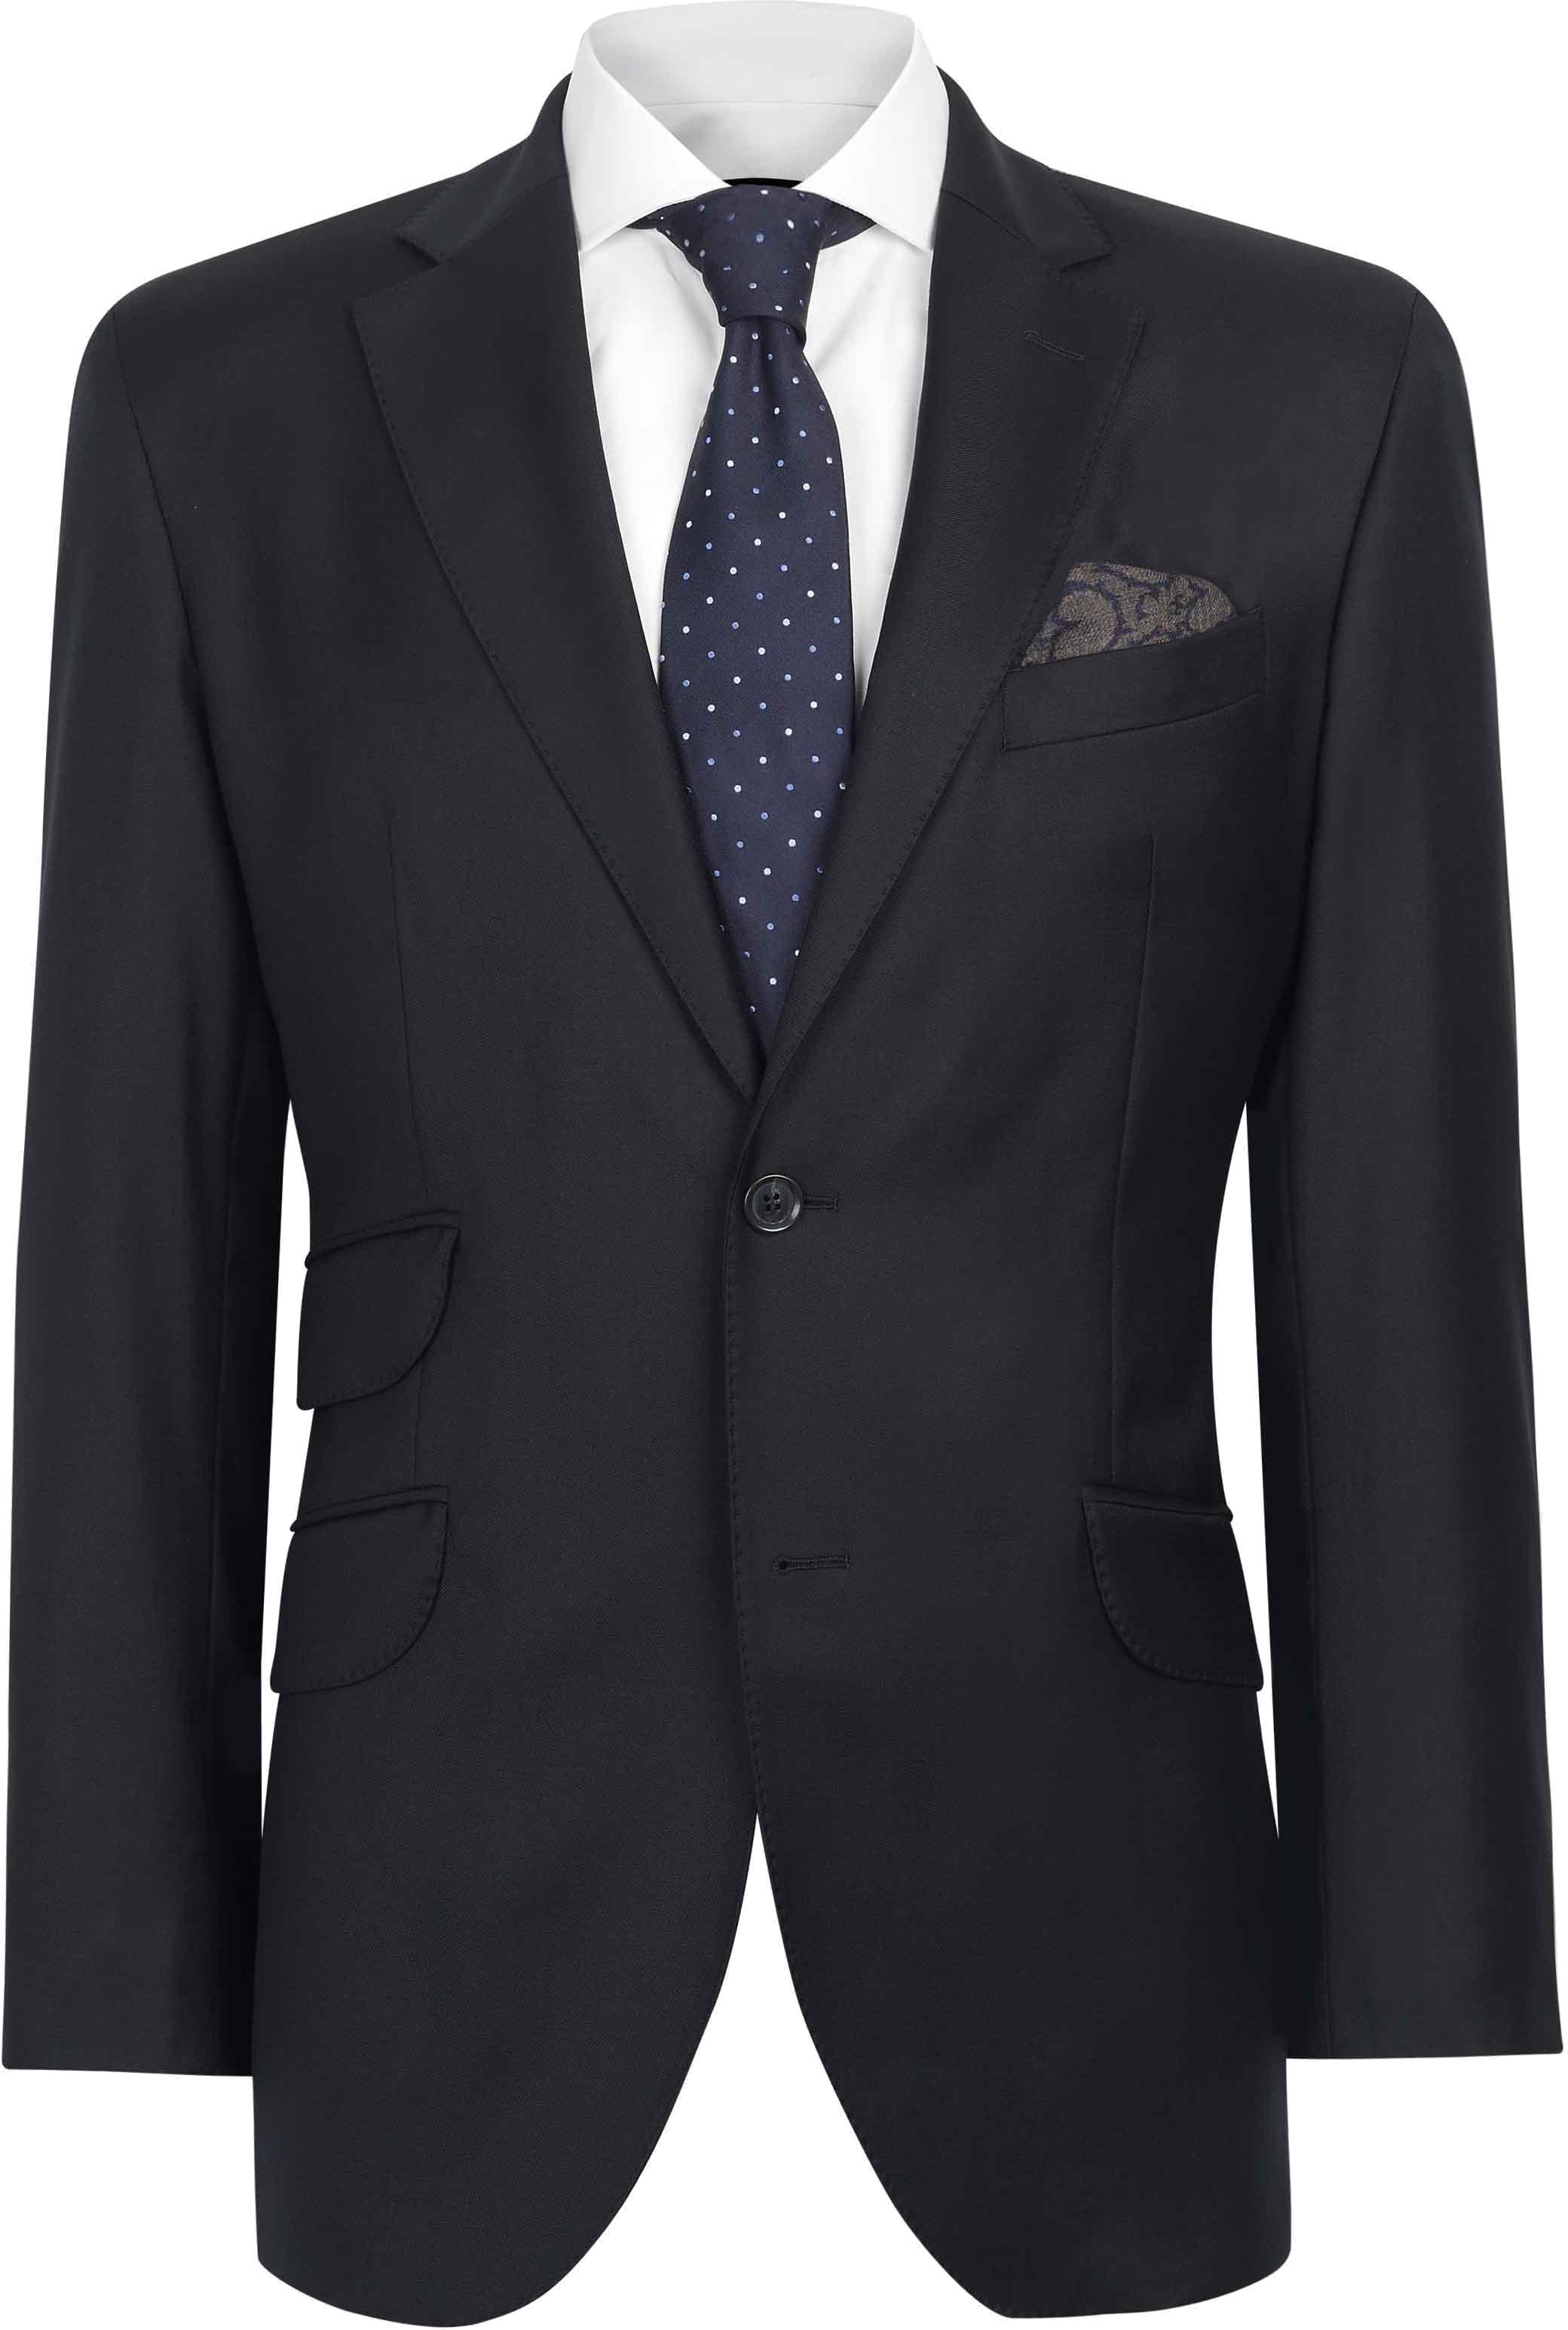 Suit clipart suit coat Suit free download PNG PNG